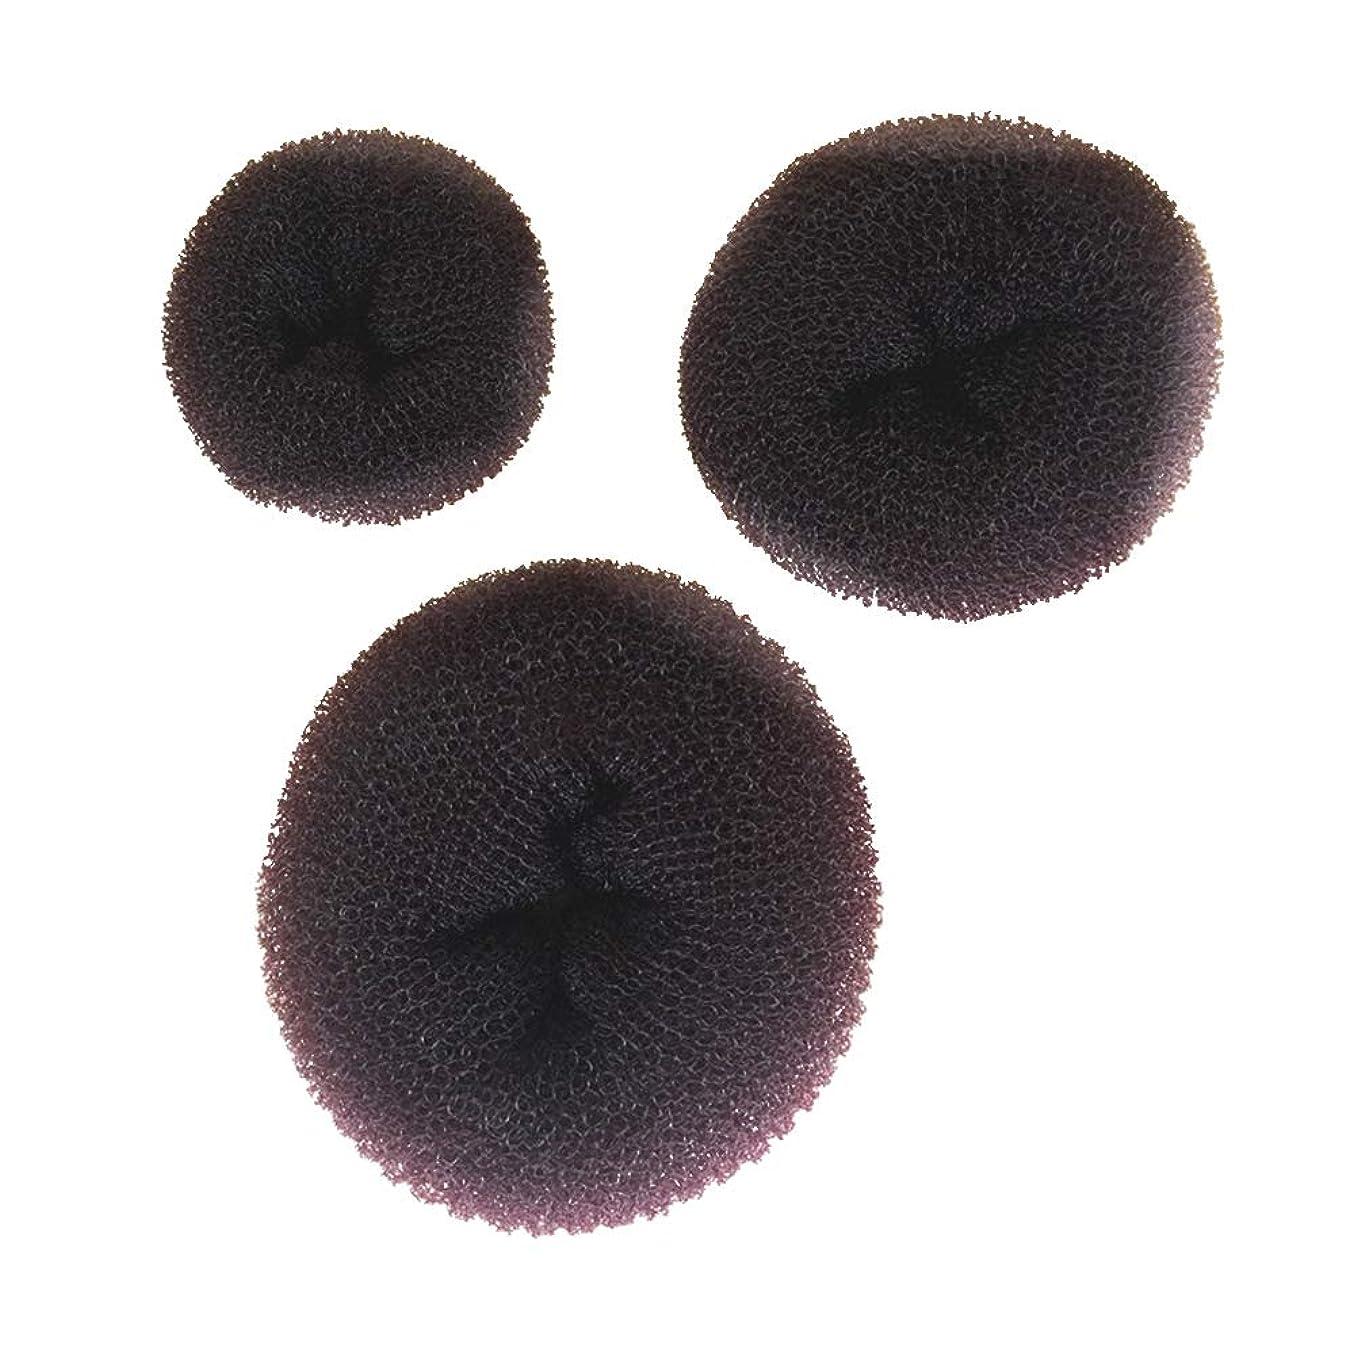 襲撃他のバンドで磁石LURROSE 3ピースヘアドーナツパンメーカーインスタントヘアバンメーカーキット用女の子女性